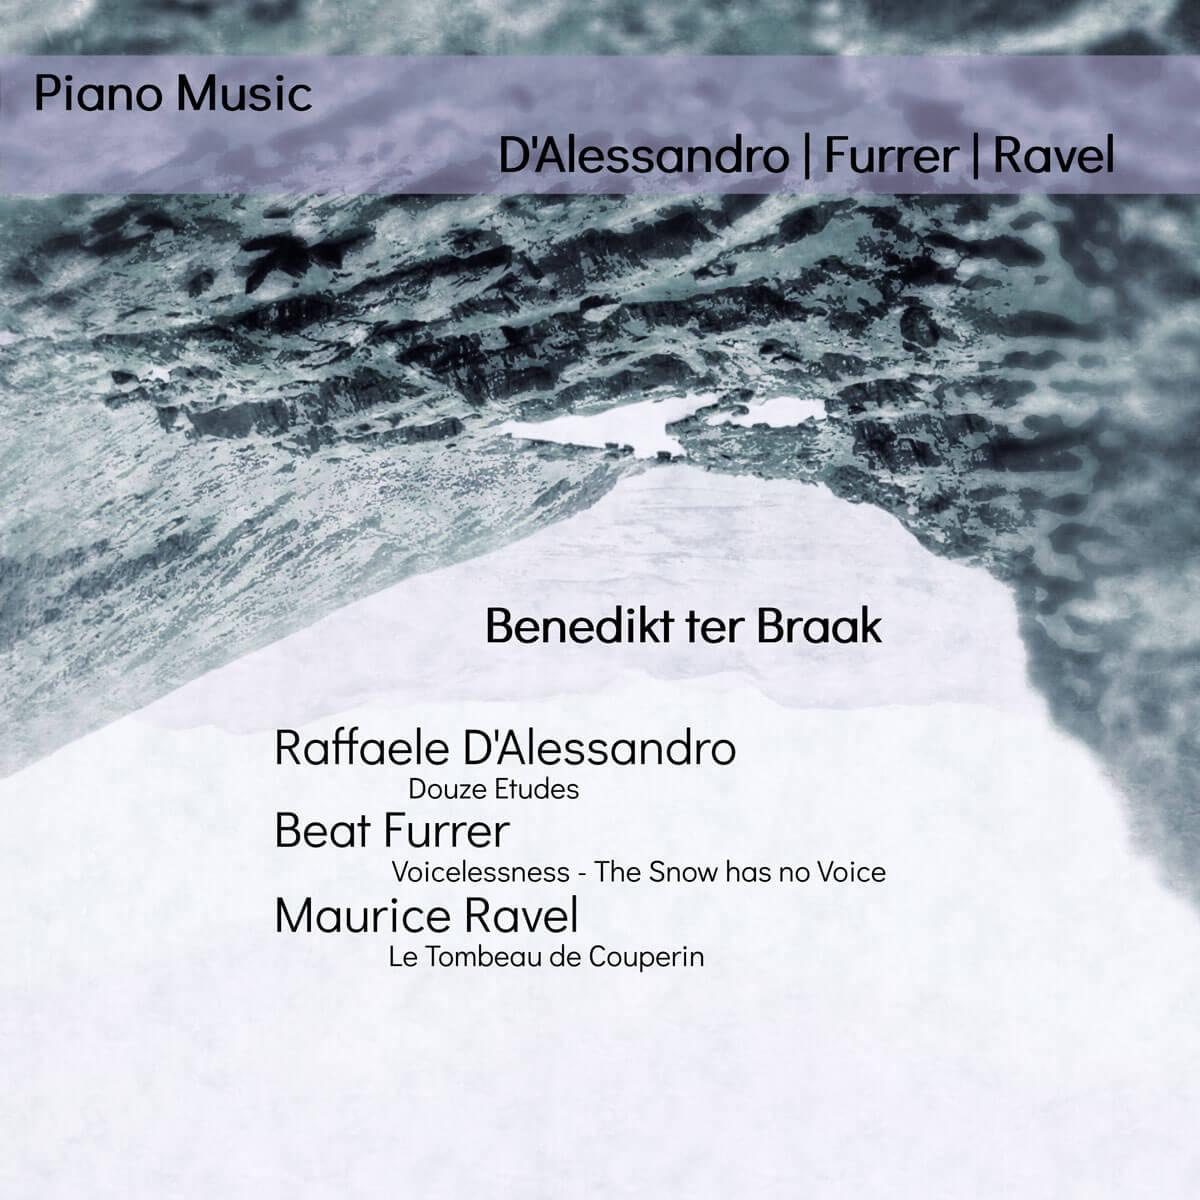 CD-Cover Master-CD Benedikt ter Braak, Raffaele D'Alessandro, Beat Furrer, Maurice Ravel (c) Benedikt ter Braak